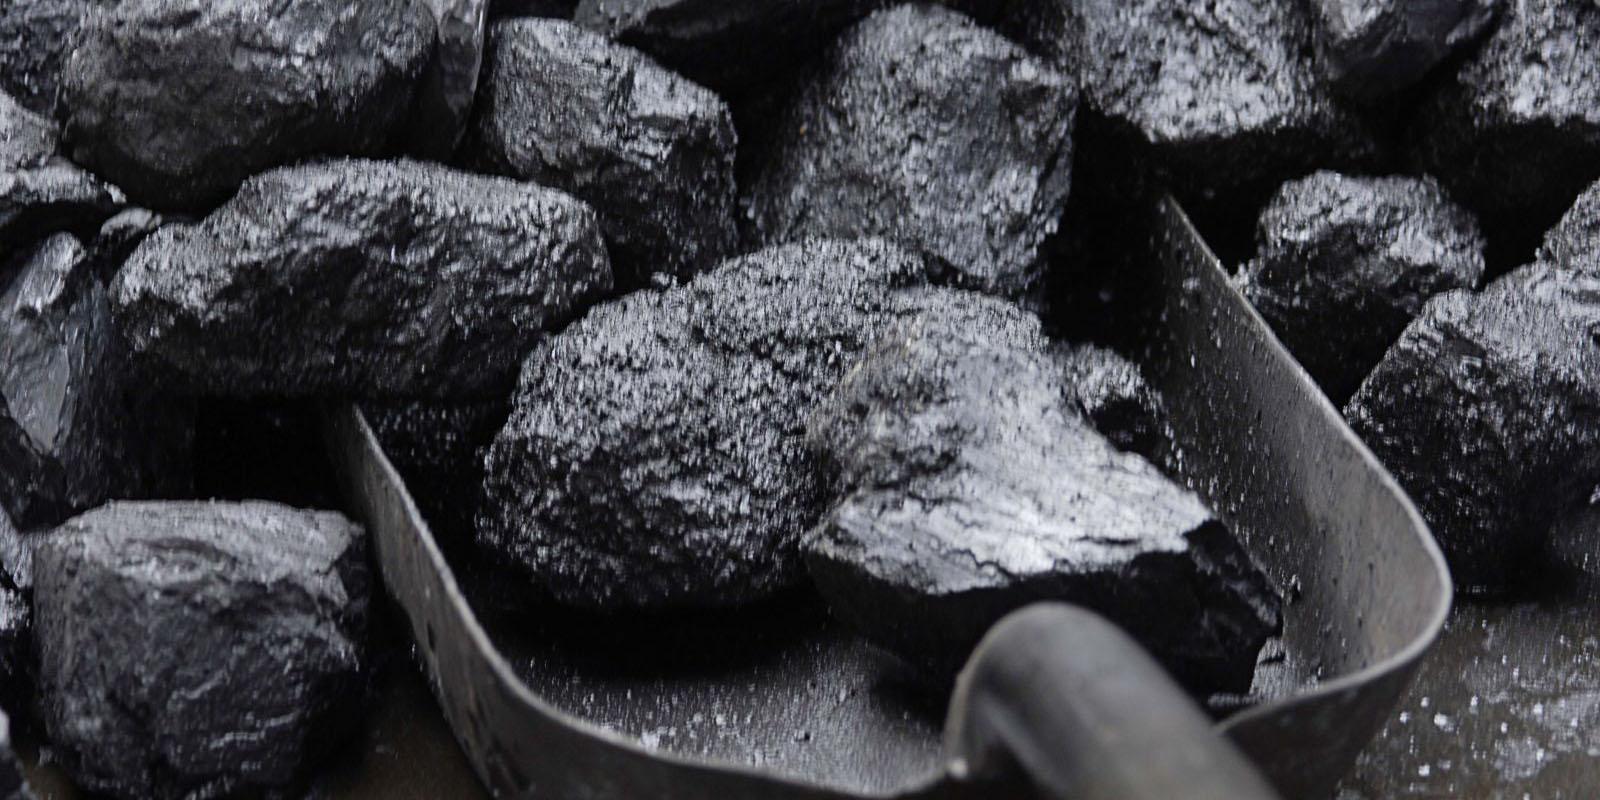 نظارت ایمیدرو یا ایمپاسکو بر معادن زغال سنگ